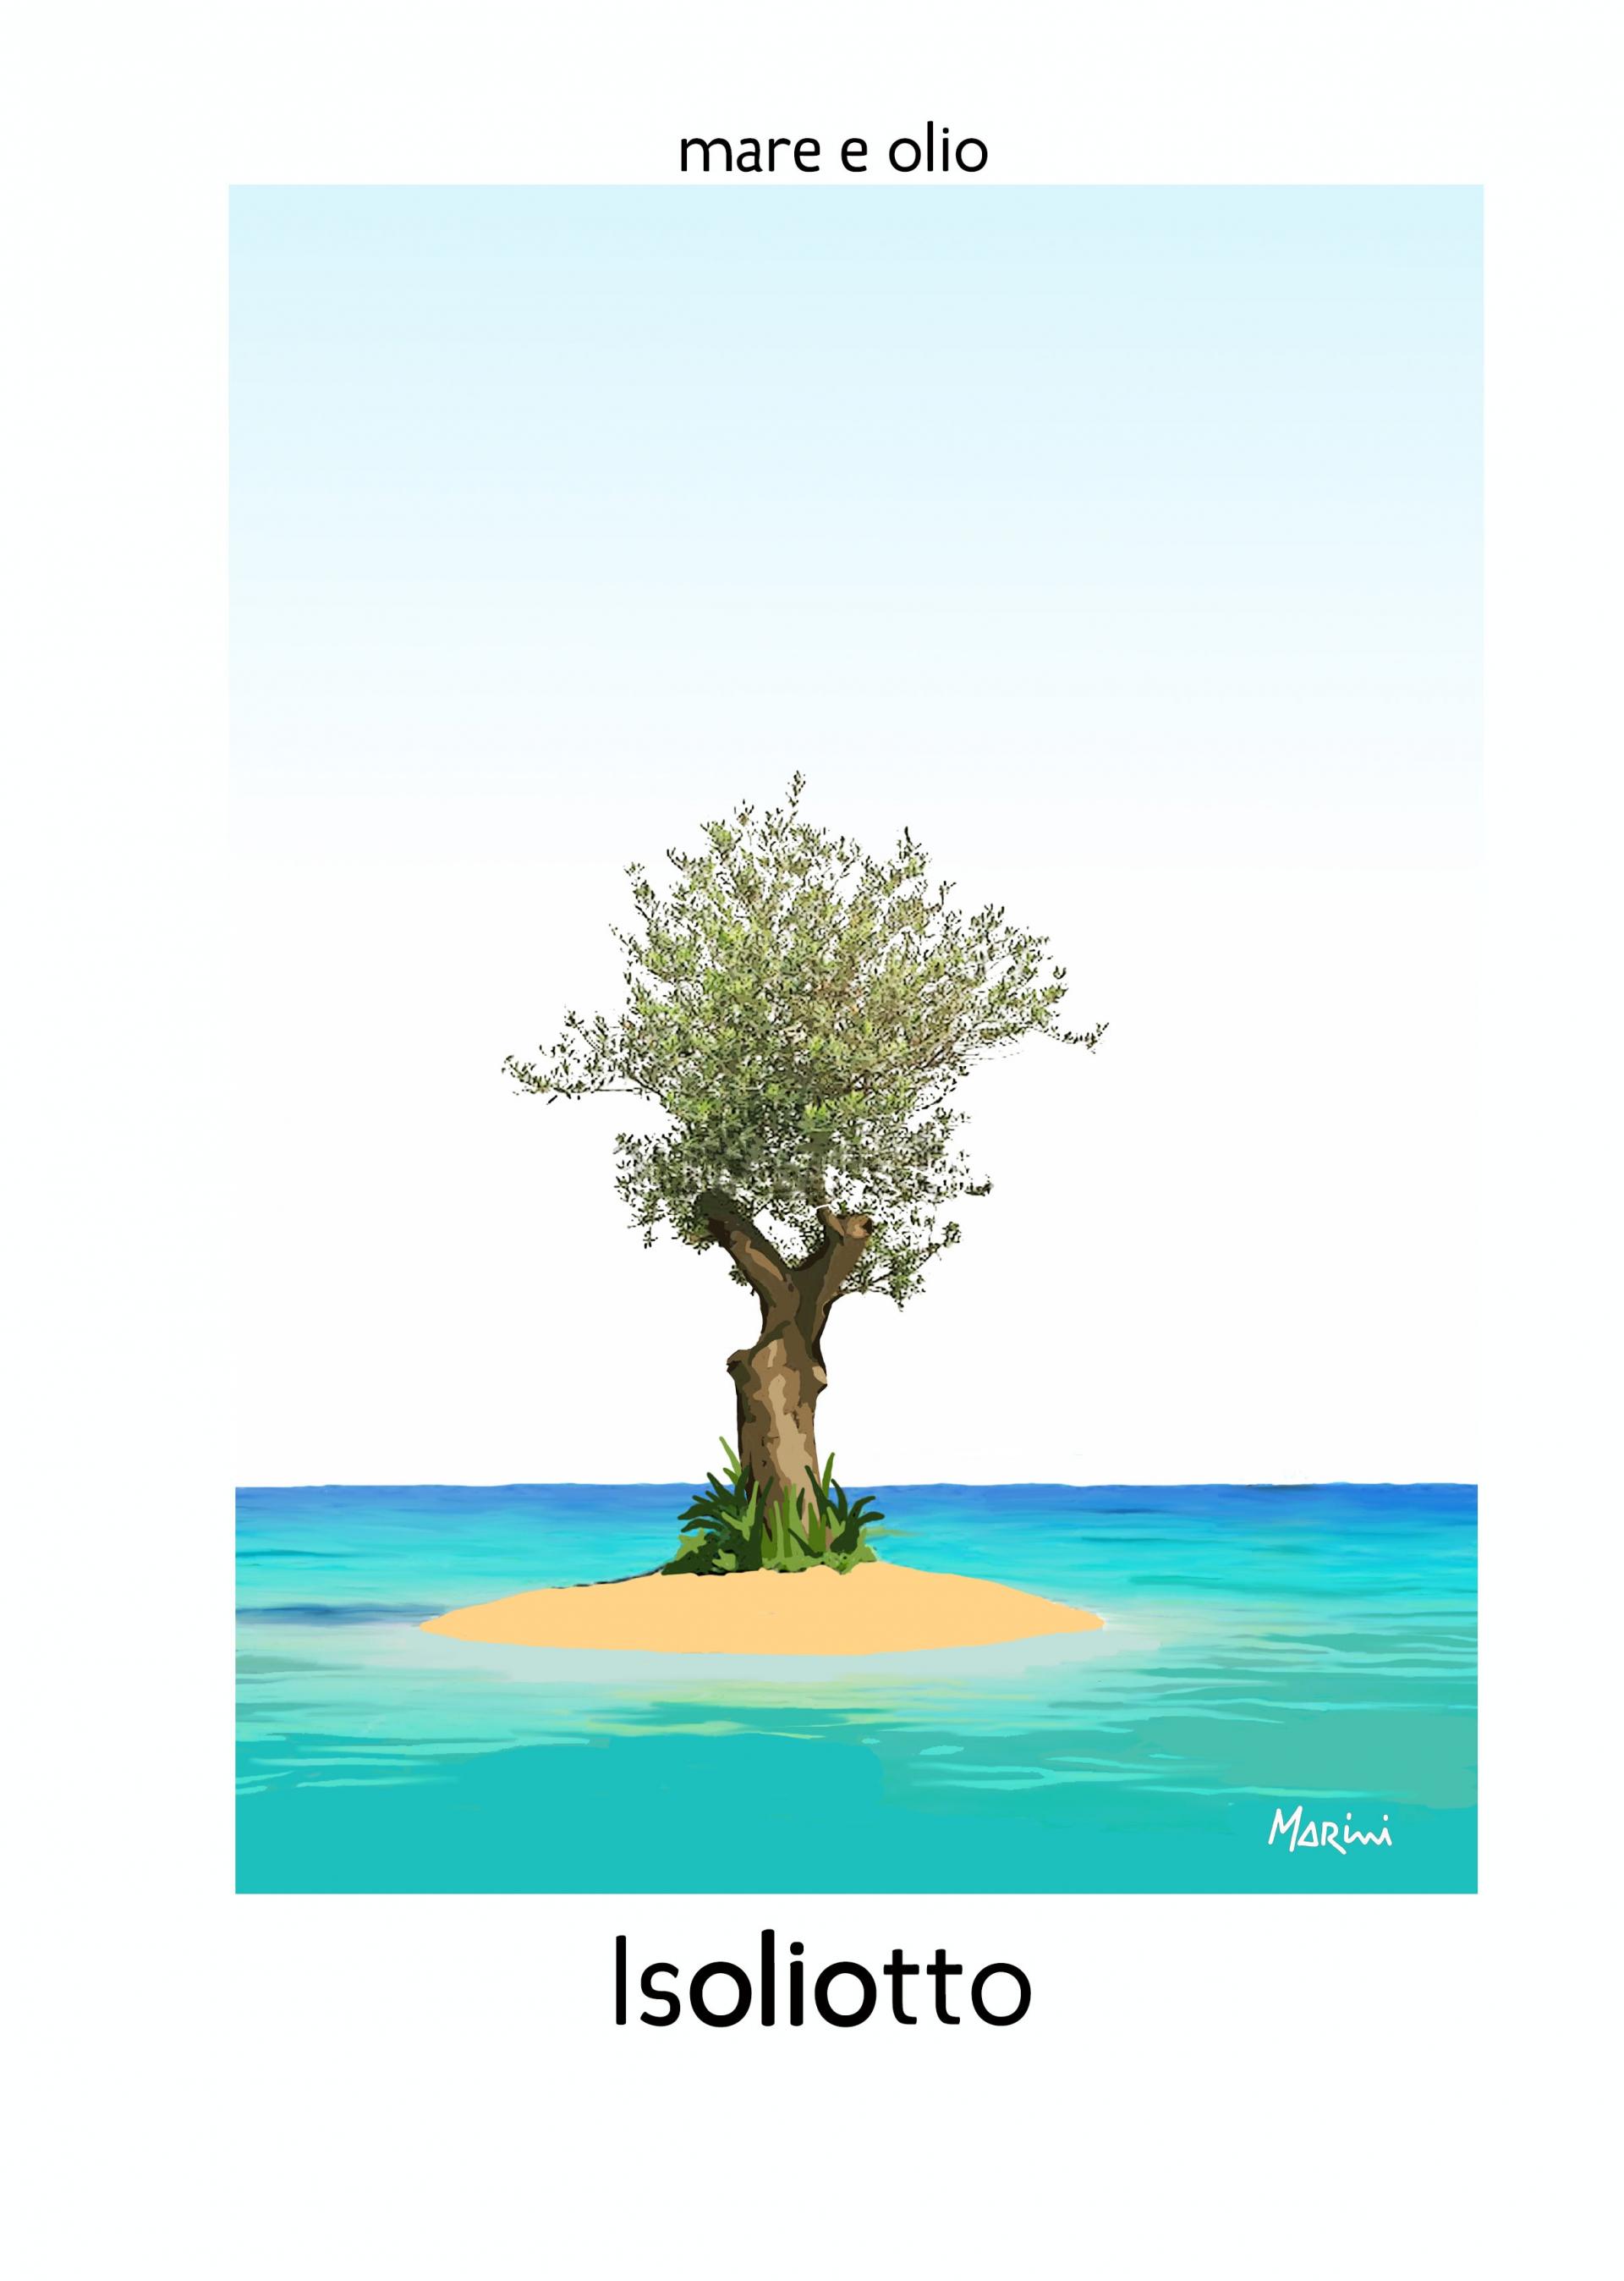 Olivo marino